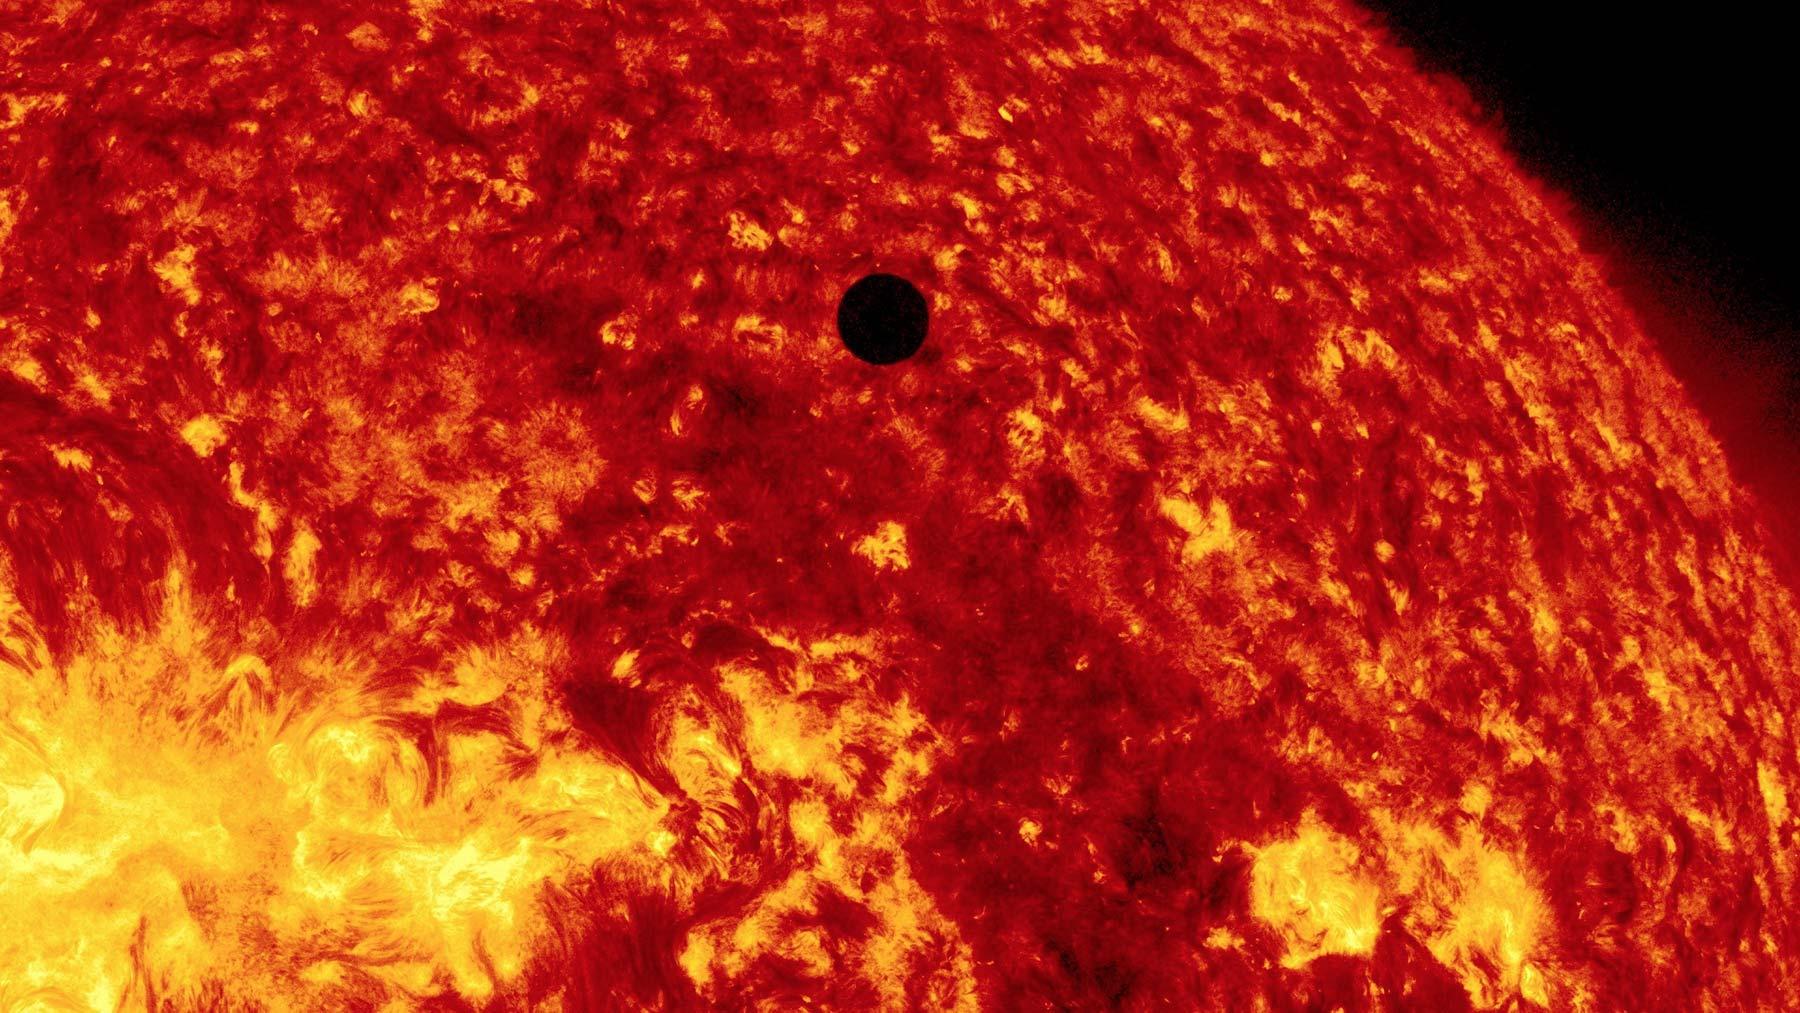 Courtesy: NASA/SDO, AIA